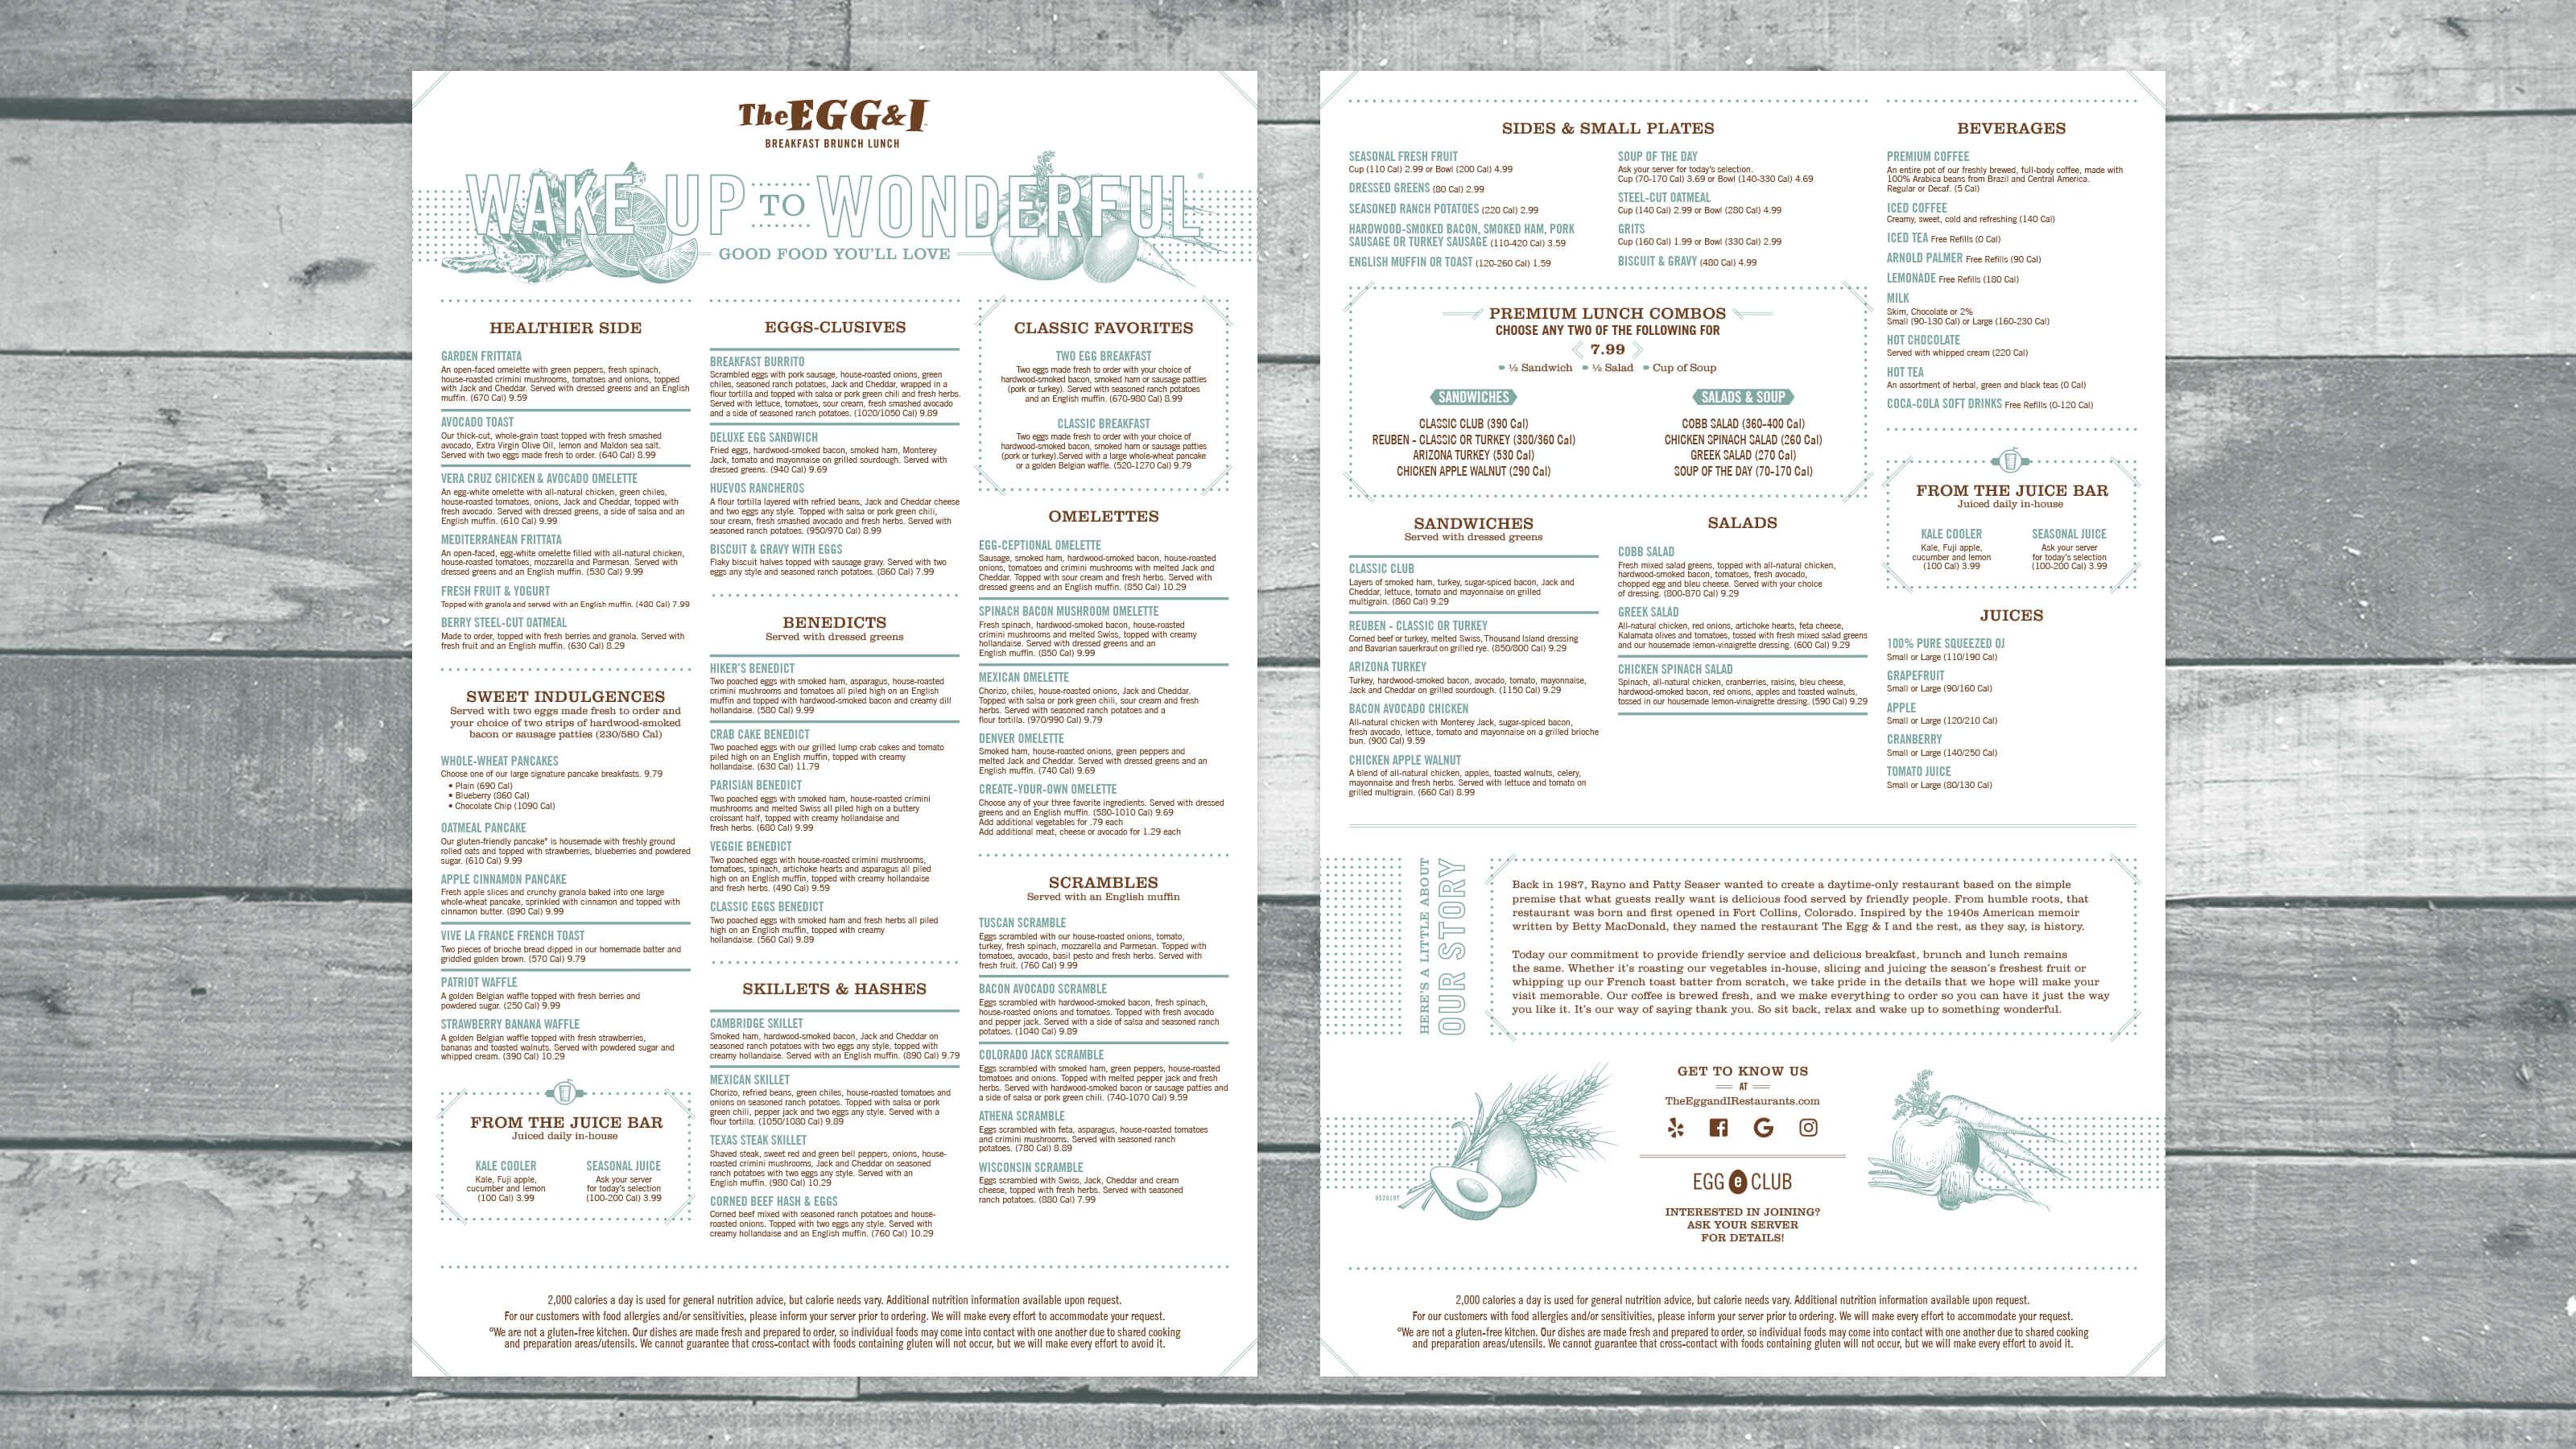 Menu design by Ben Fieker for The Egg & I Restaurants in 2018 for Fieker Brother's website